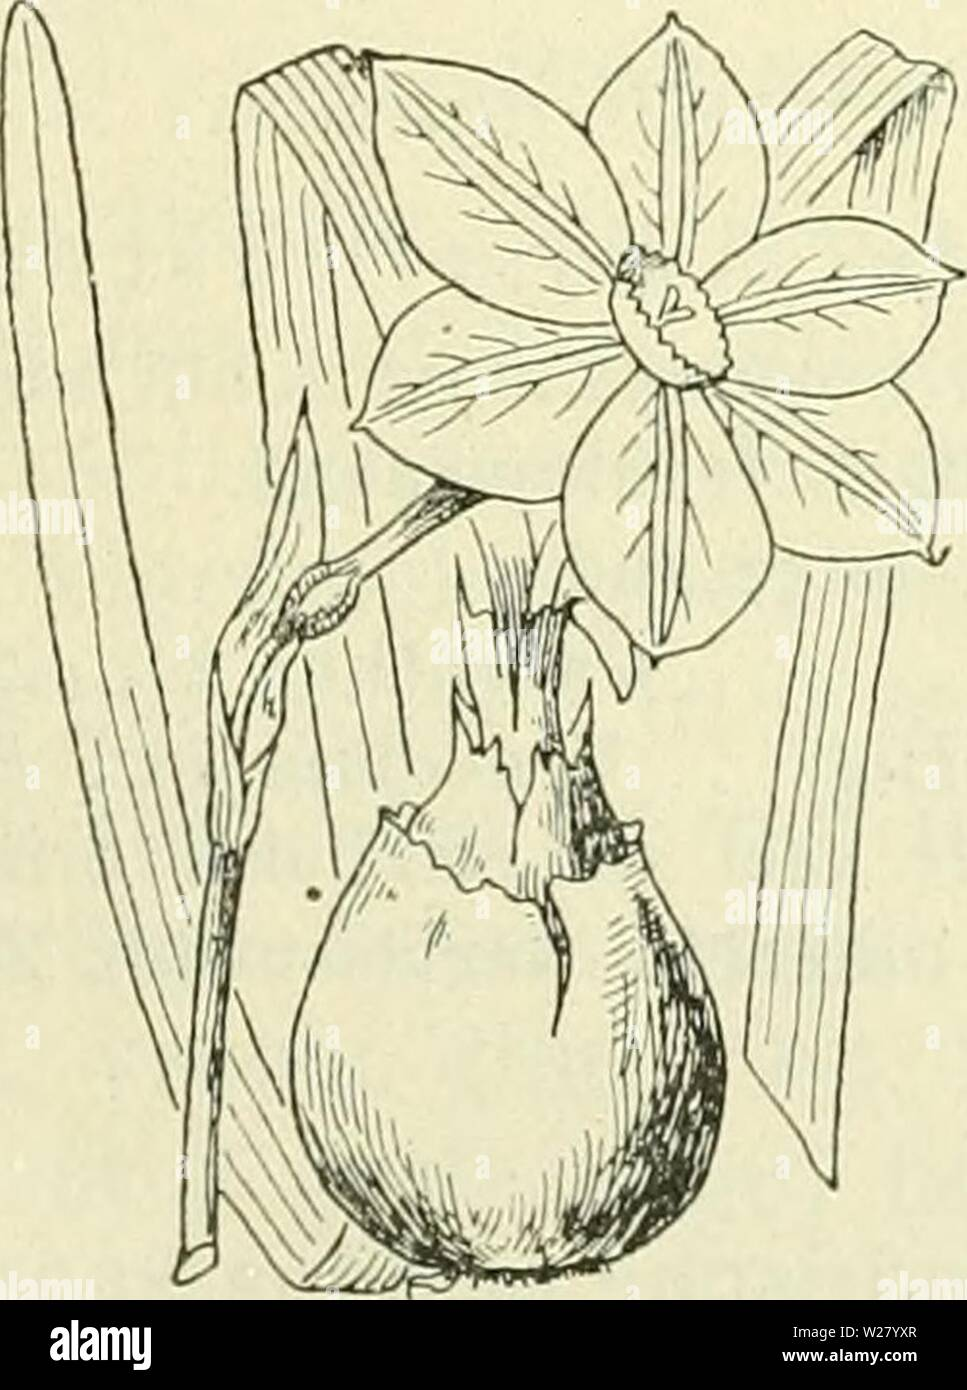 Archive image from page 331 of De flora van Nederland (1909-11). De flora van Nederland  defloravannederl01heuk Year: 1909-11.  290 — AMARYILLIDACEAE. — FAMILIE 11. vormige buis, een regelmatigen 6-deeligen zoom en een bijkroon aan de keel. Meeidraden 6, gelijk of ongeHjk, op de buis van het bioemdek inge- plant onder de bijkroon, waarboven zij niet uitsteken, met aan den voet bevestigde, overlangs openspringende helmknopjes. Stijl draadvormig, stempel ongedeeld. Vrucht iets driehoekig. Bloemen groot, geel of wit, welriekend, knikkend of hangend, alleen- staand of in een scherm, uit een eenbla - Stock Image